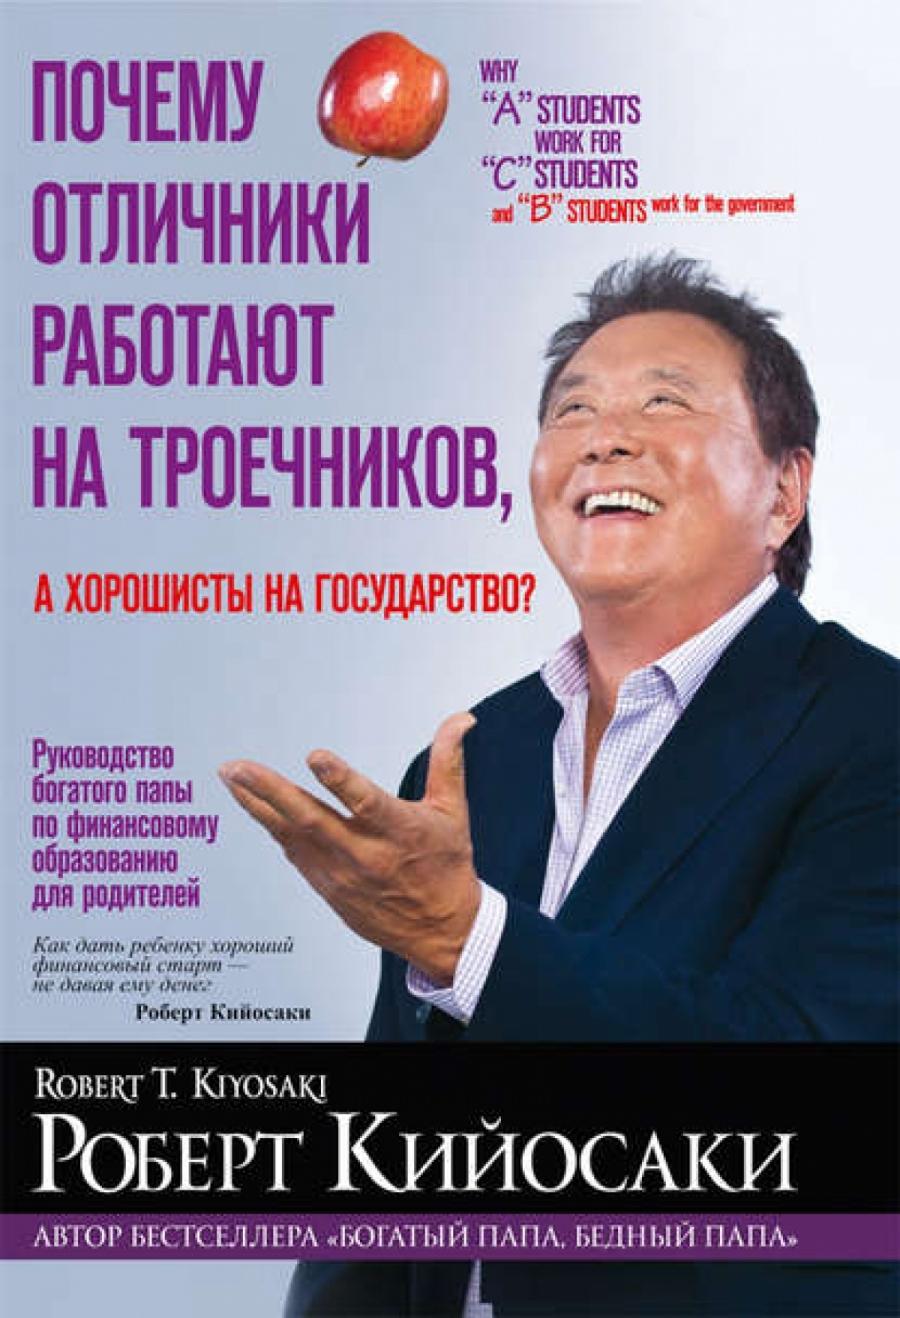 Роберт Кийосаки - Почему отличники работают на троечников, а хорошисты на государство?